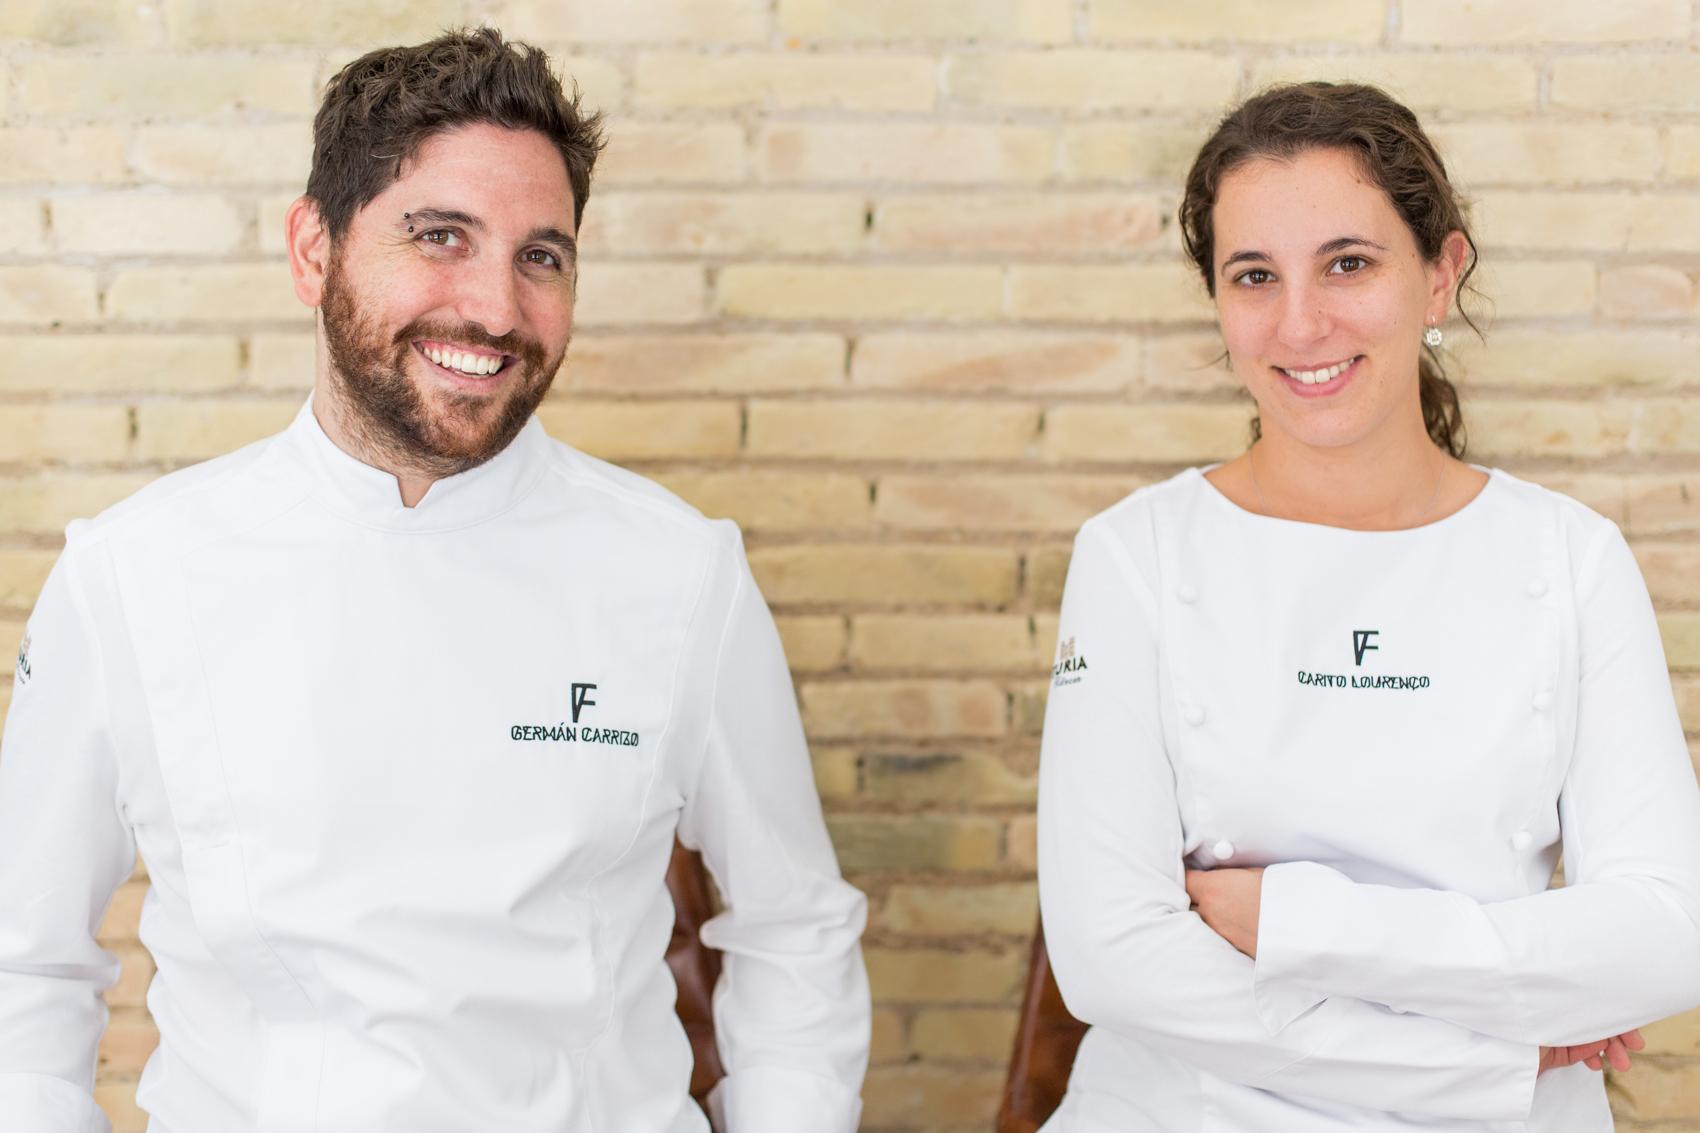 Germán y Cartio, chefs argentinos